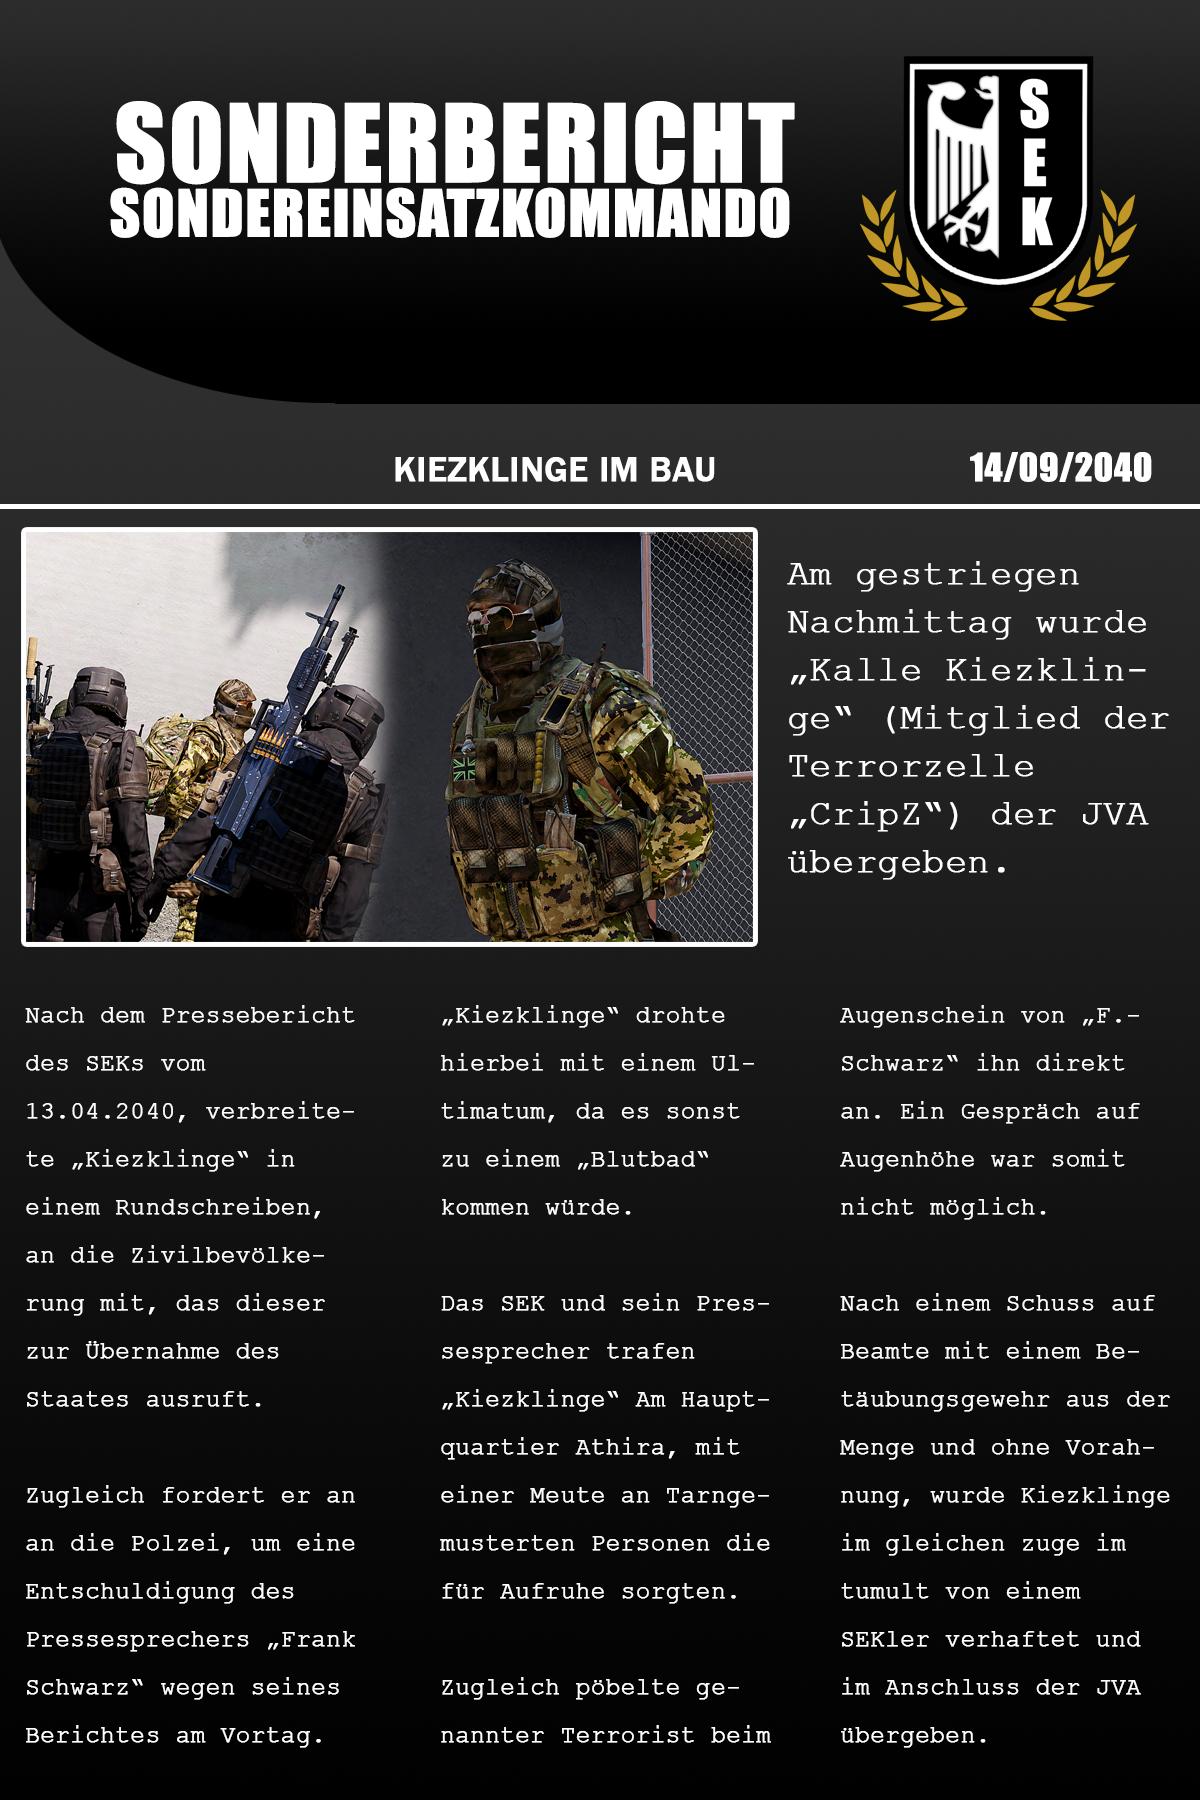 SEK14-09-2040-1.png